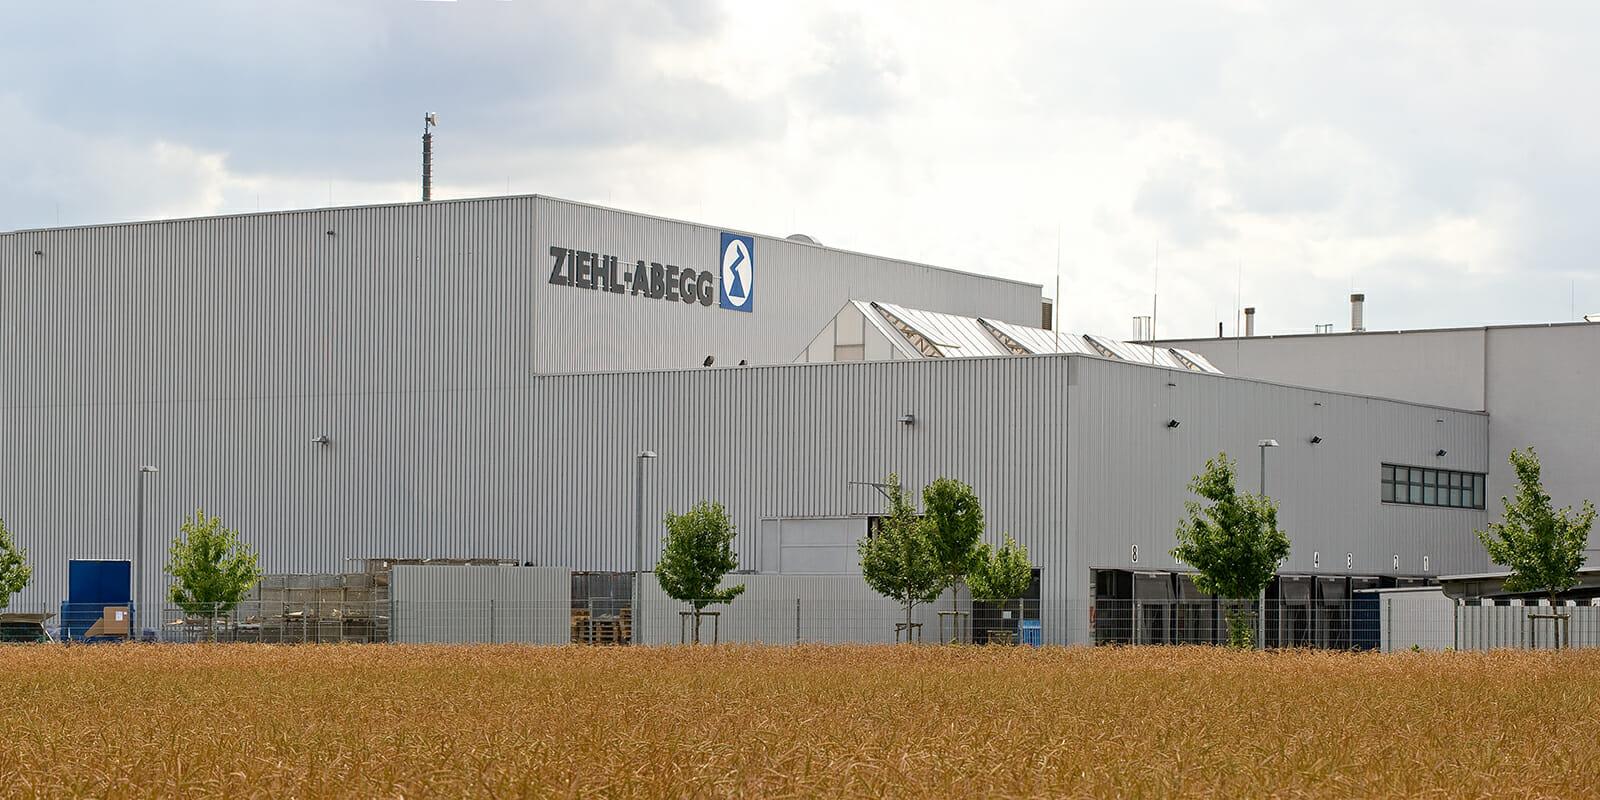 Ziehl-Abegg, 74638 Waldenburg